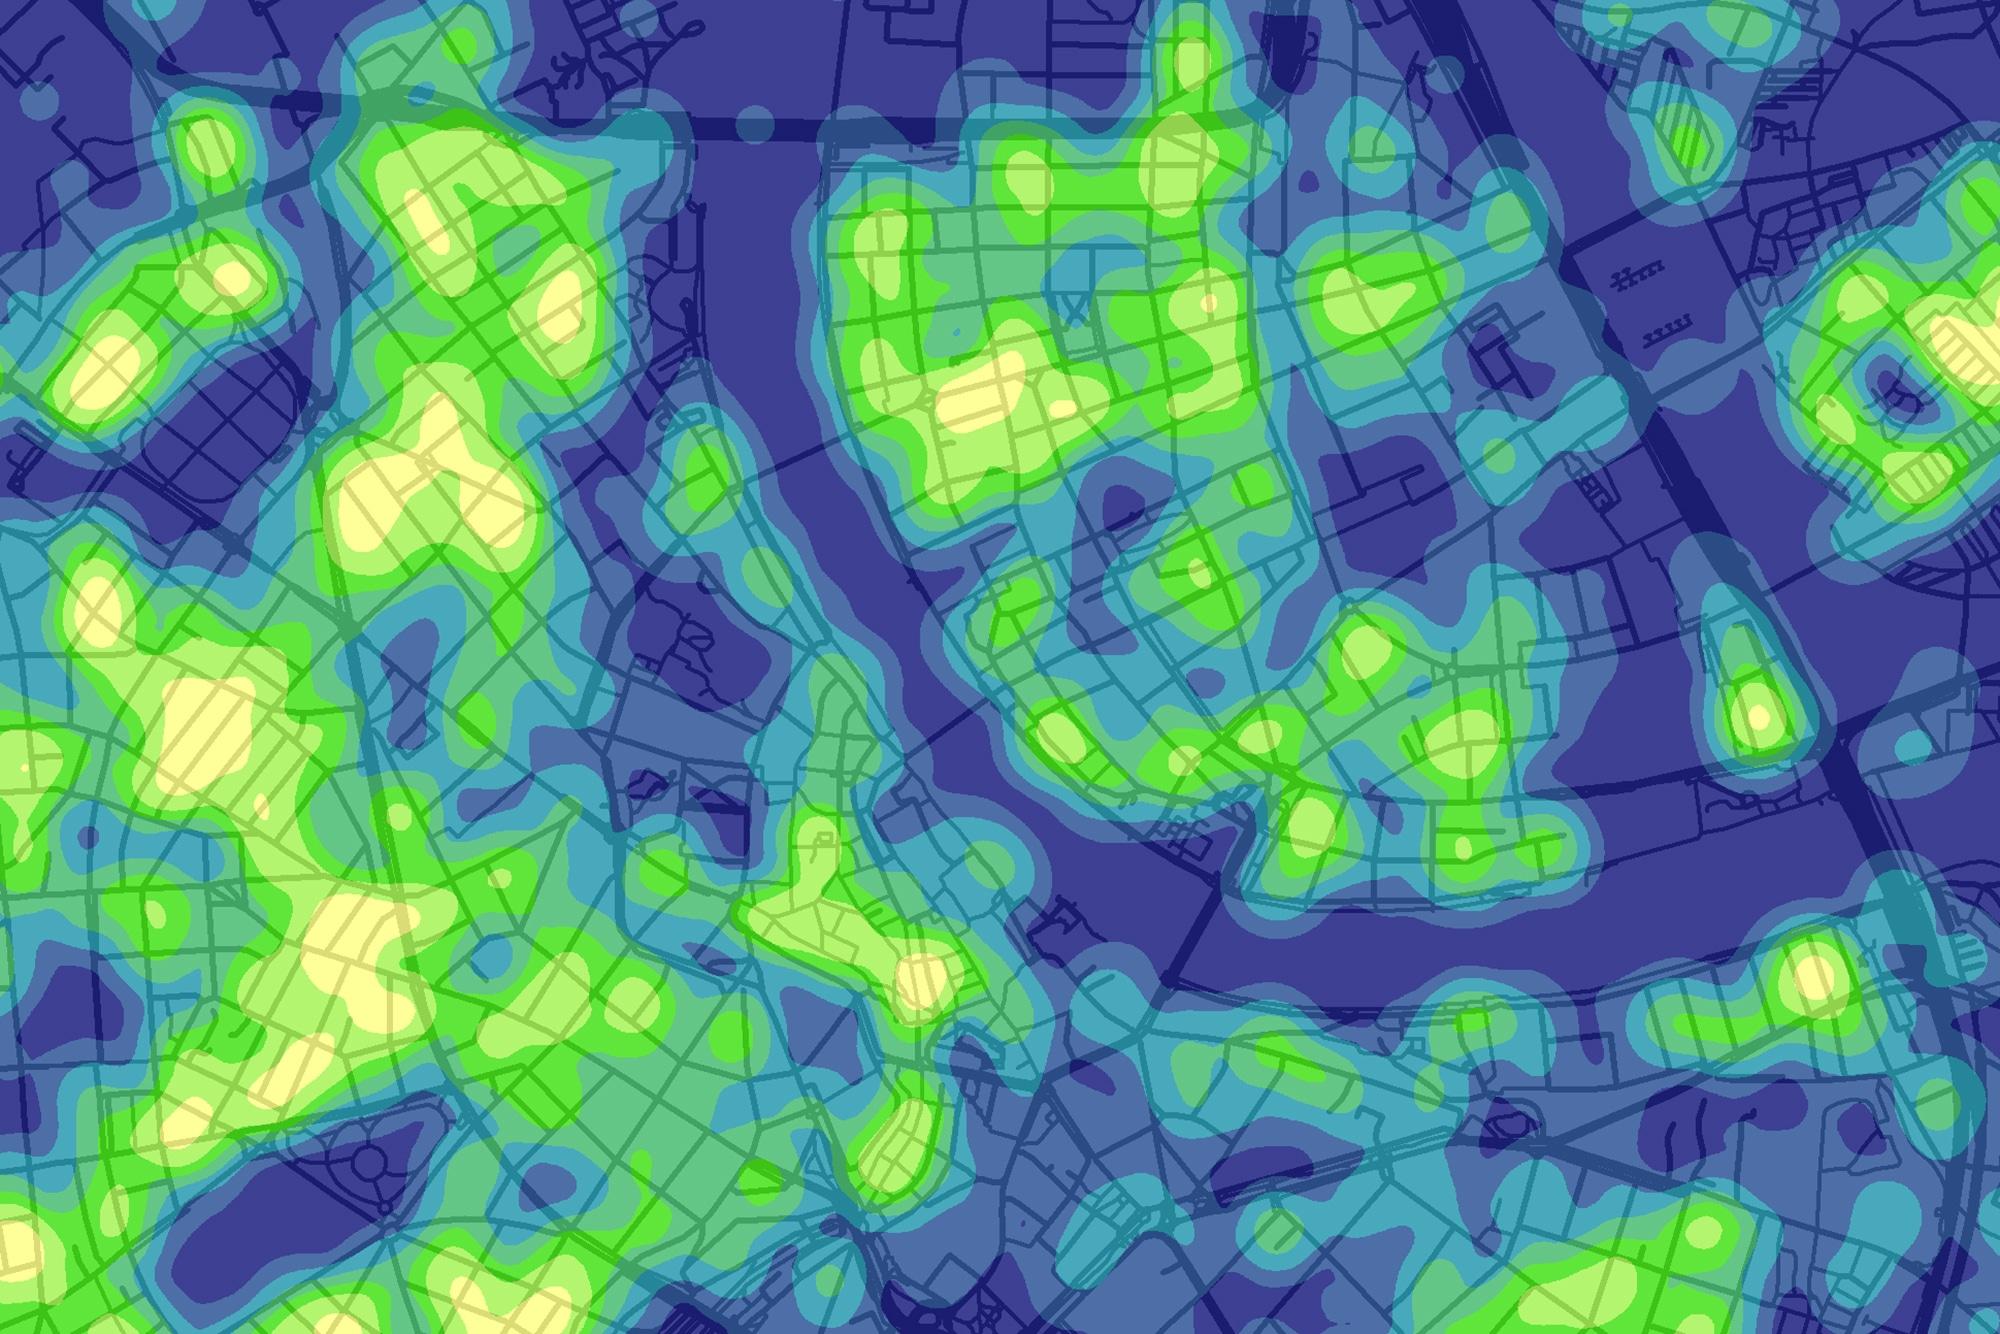 Die Heatmap von Leser Ralph Straumann zeigt, wo viele Handänderungen pro Hektare stattfanden.